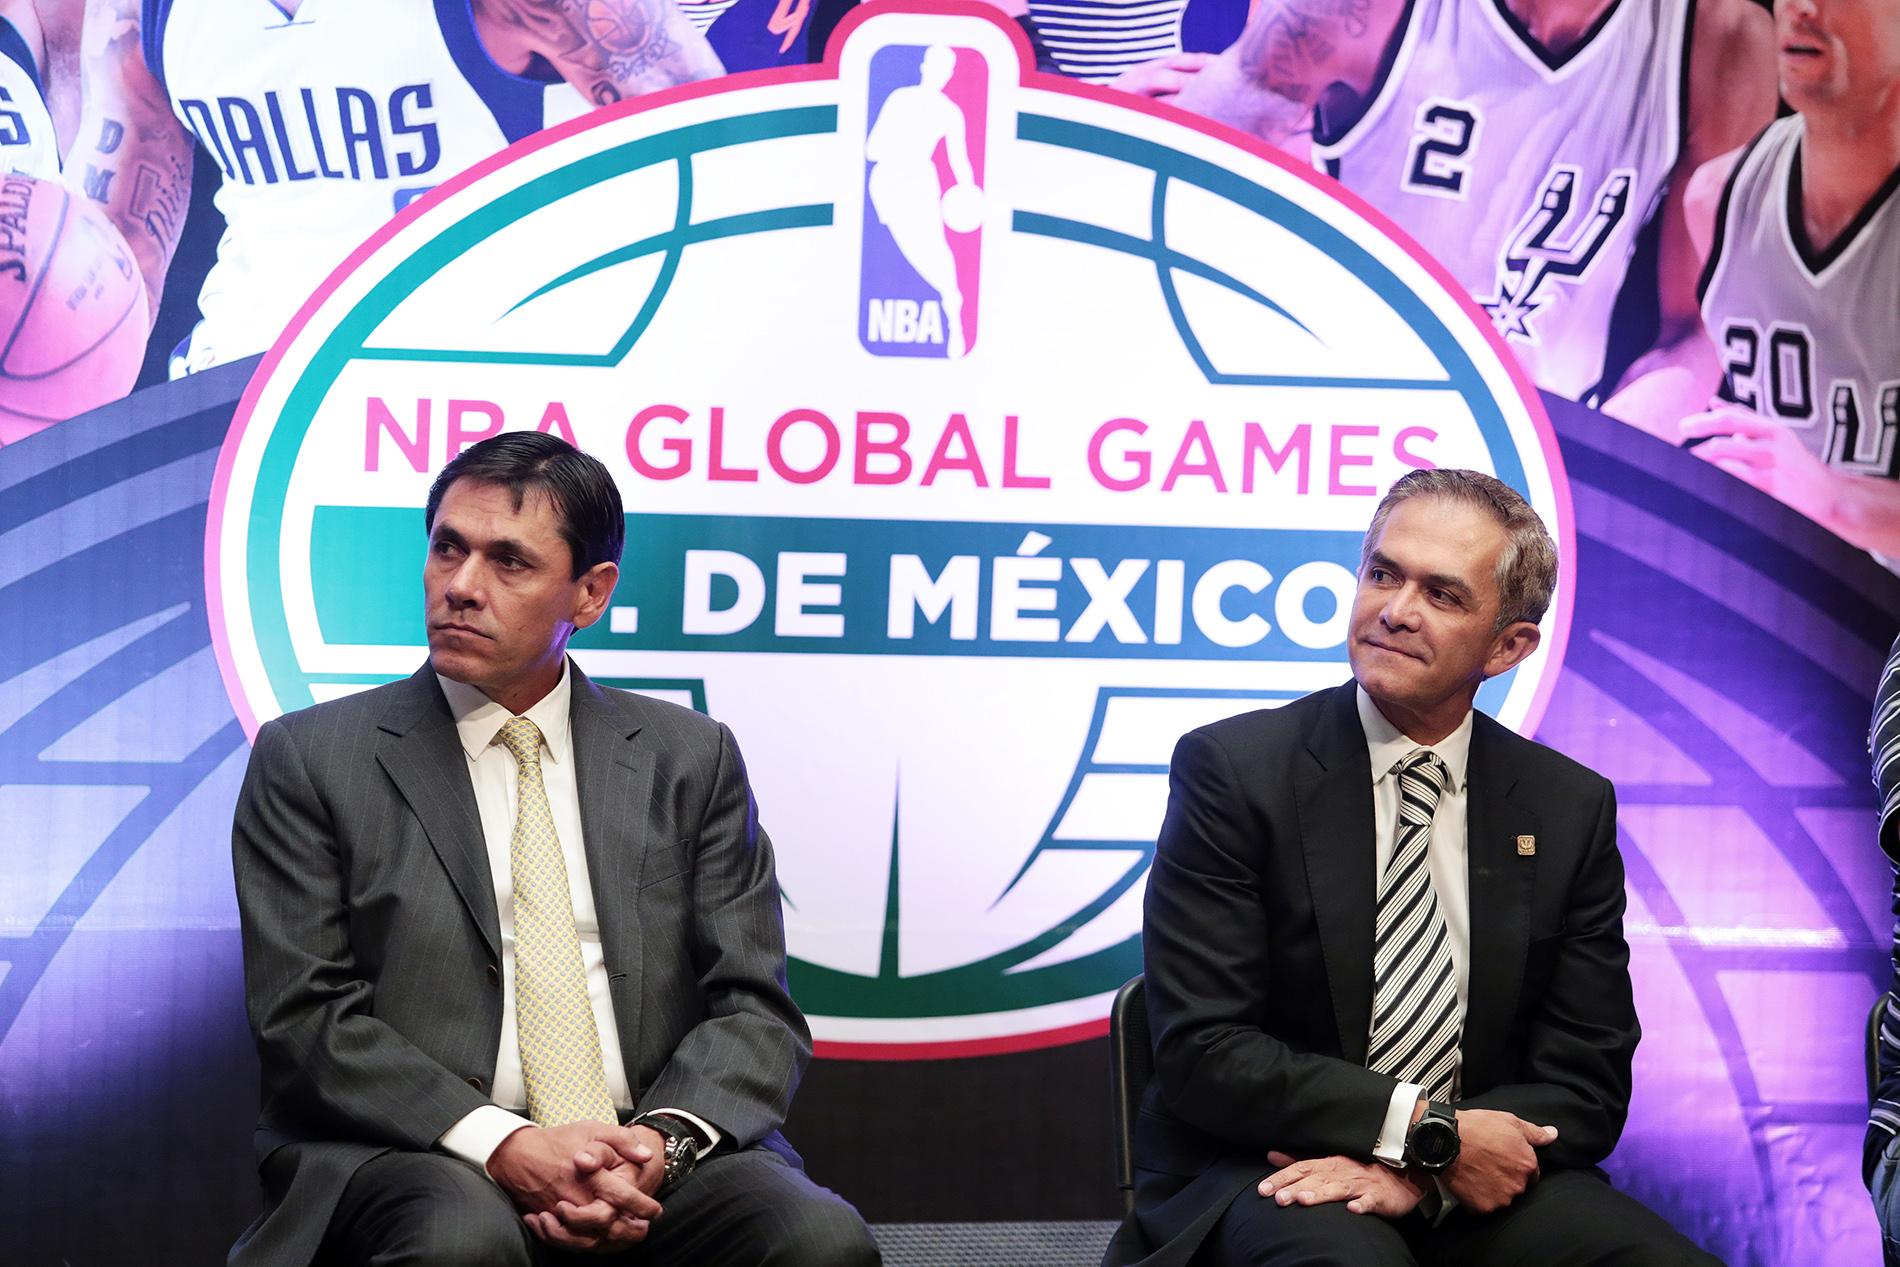 A la presentación de la NBA Global Games, asistió el director de Proyectos Especiales de la CONADE, Manuel Portilla Diéguez, en representación del titular de la dependencia Alfredo Castillo Cervantes.